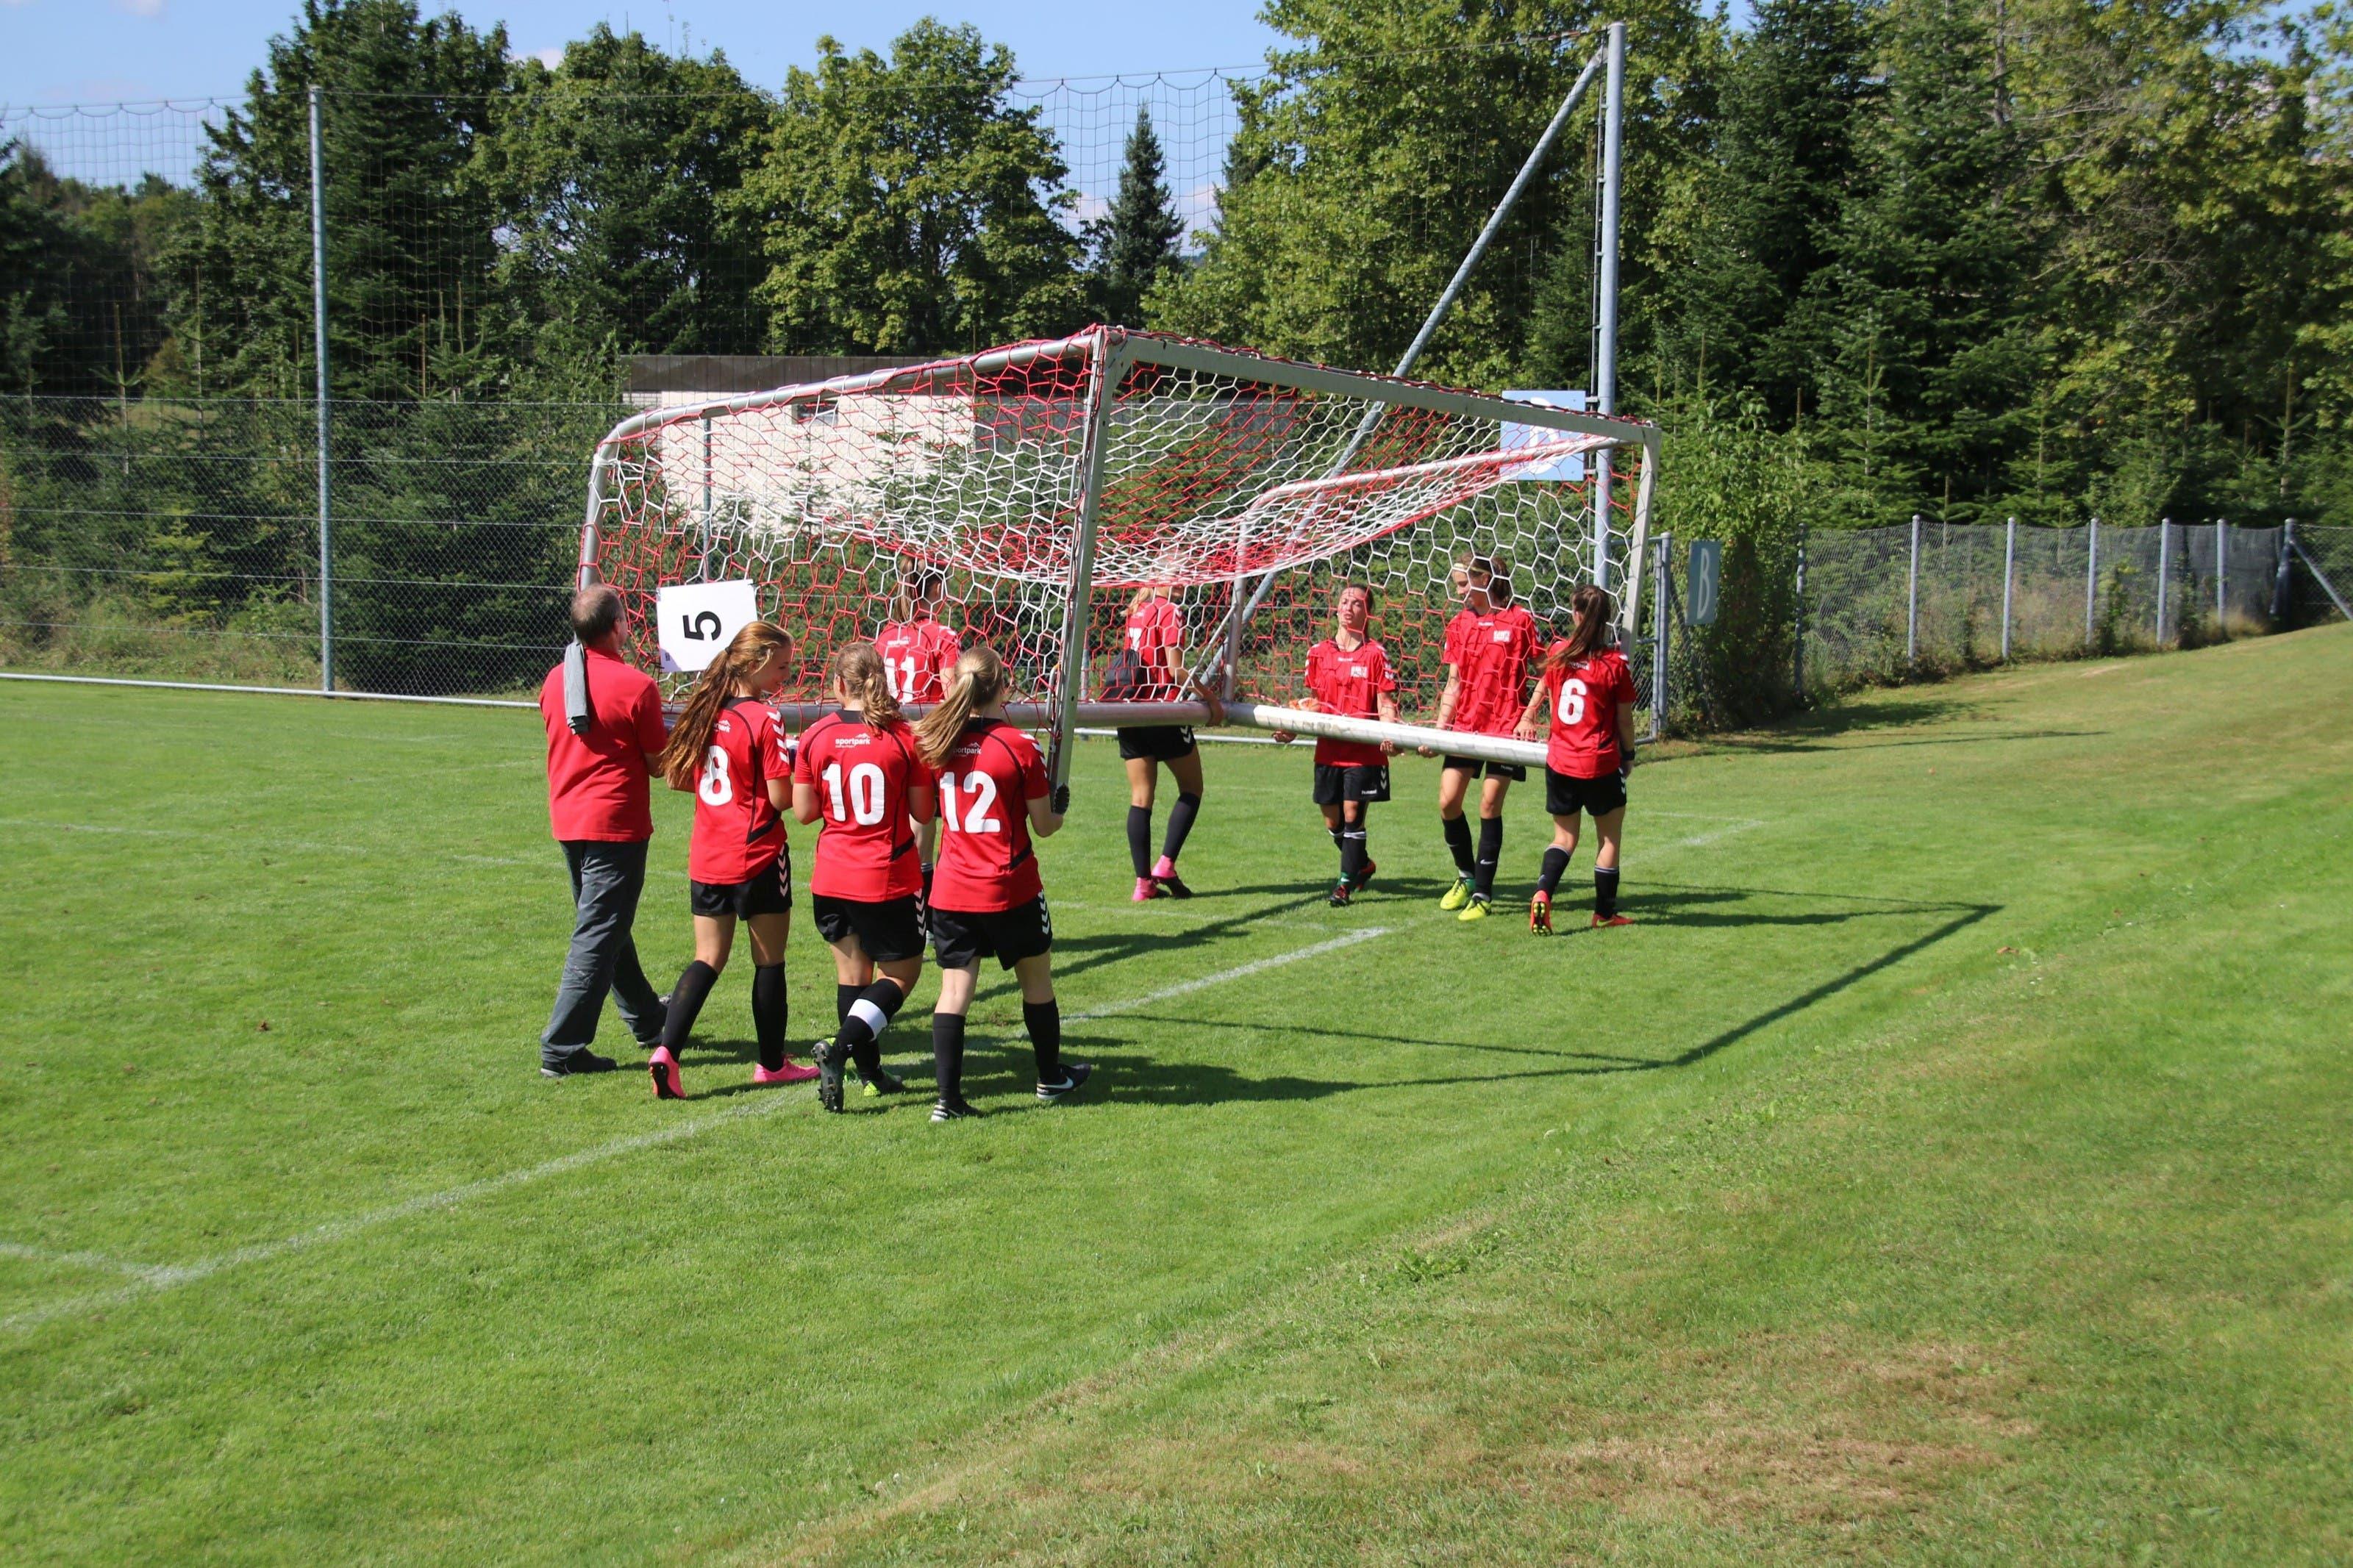 Fussball-Schweizer-Meisterschaft Mittelschulen in Baden. Das Tor wird in Position gebracht.